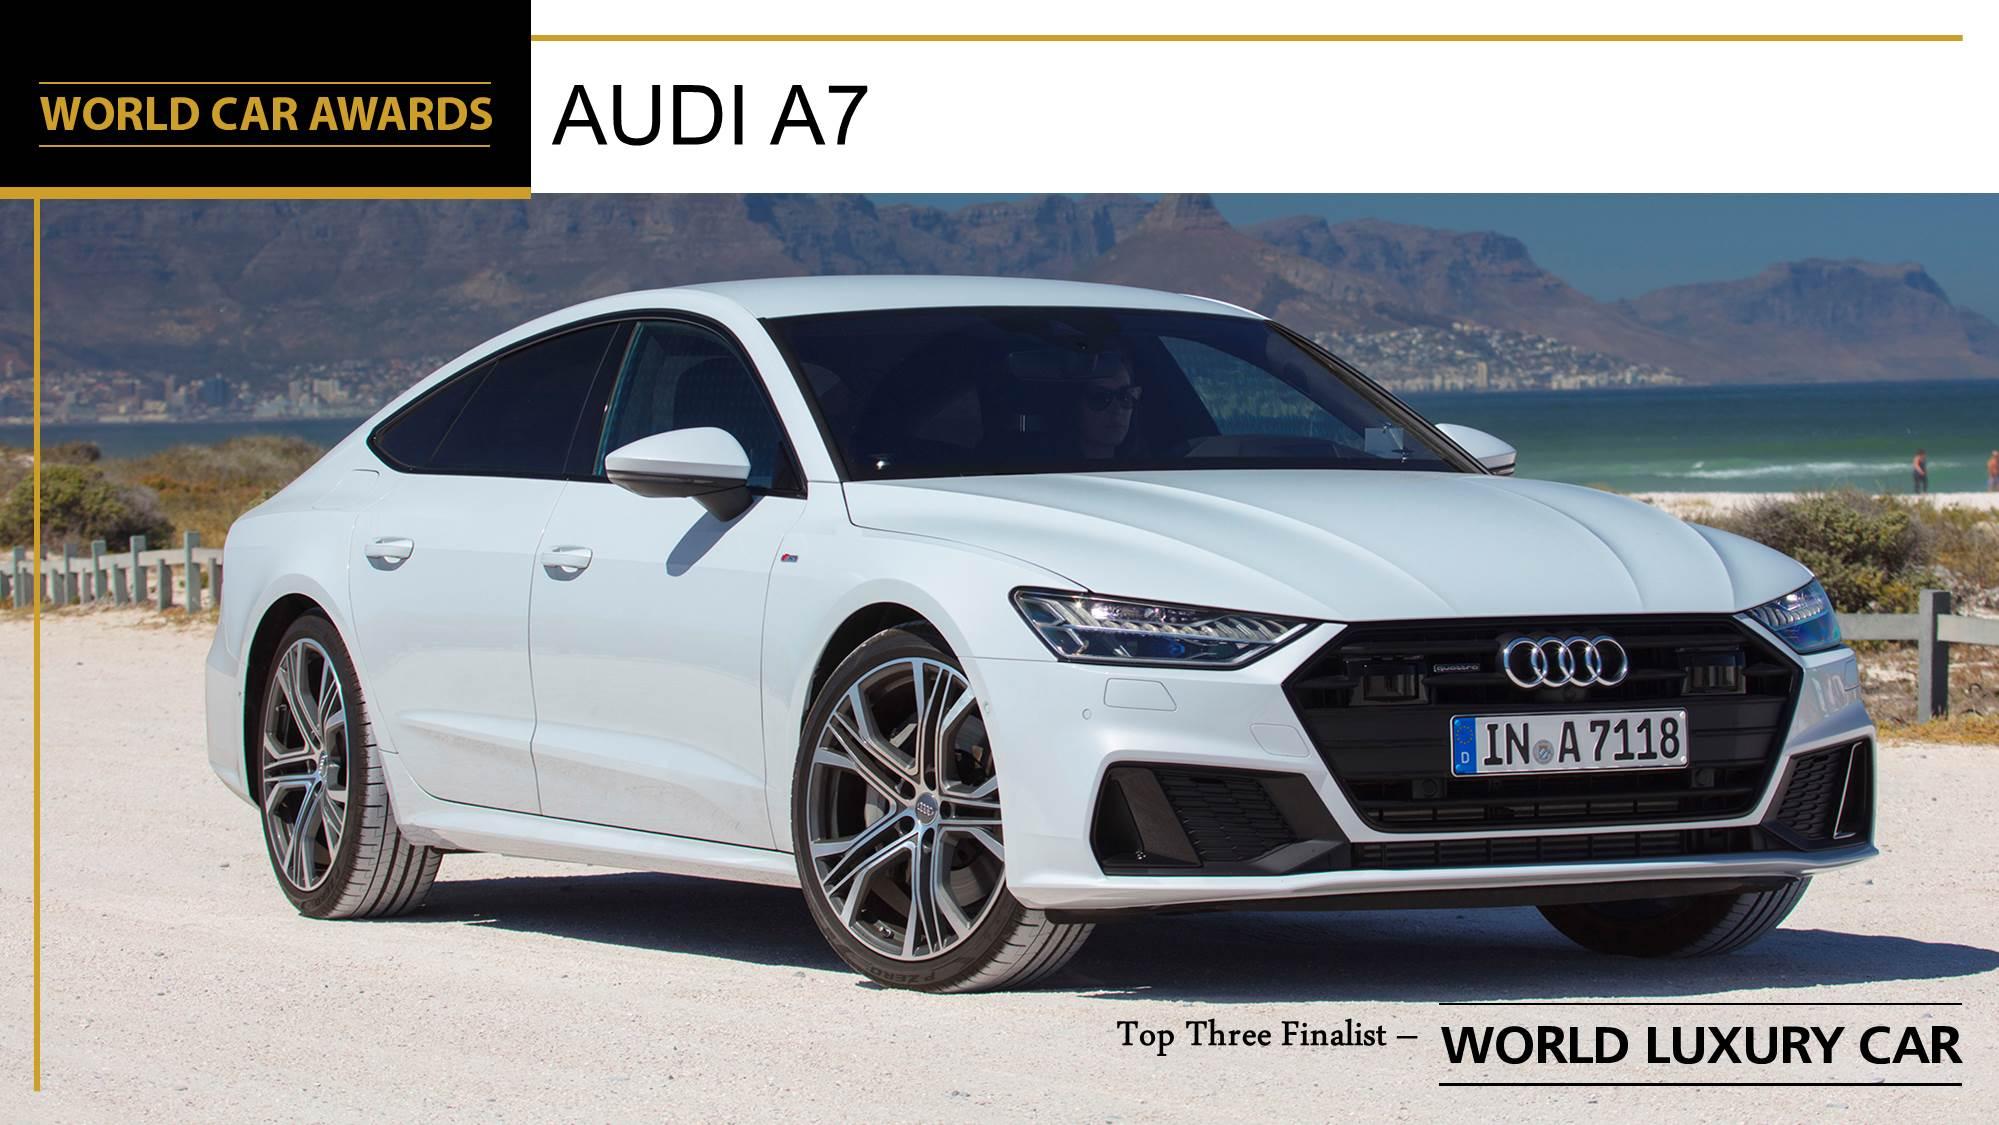 Luxury 2019 Vehicles: 2019 World Luxury Car :: World Car Awards